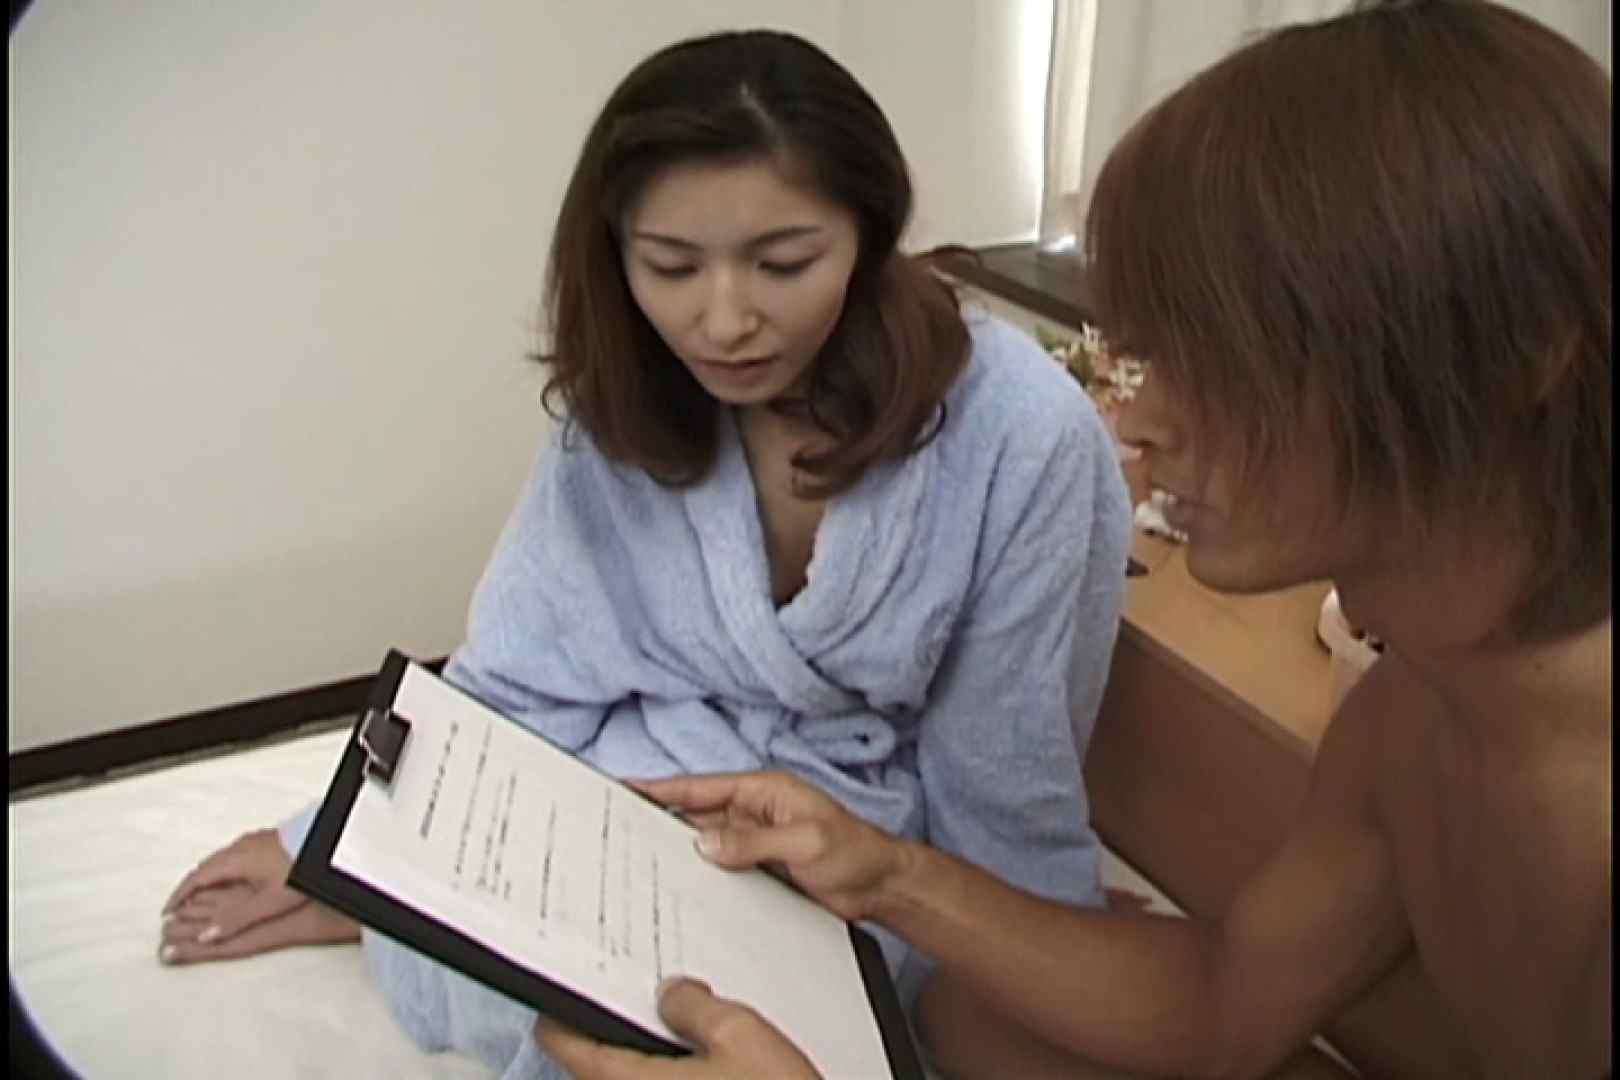 昼間の奥様は欲求不満 ~安田弘美~ ギャル達のSEX | 人妻  68画像 36